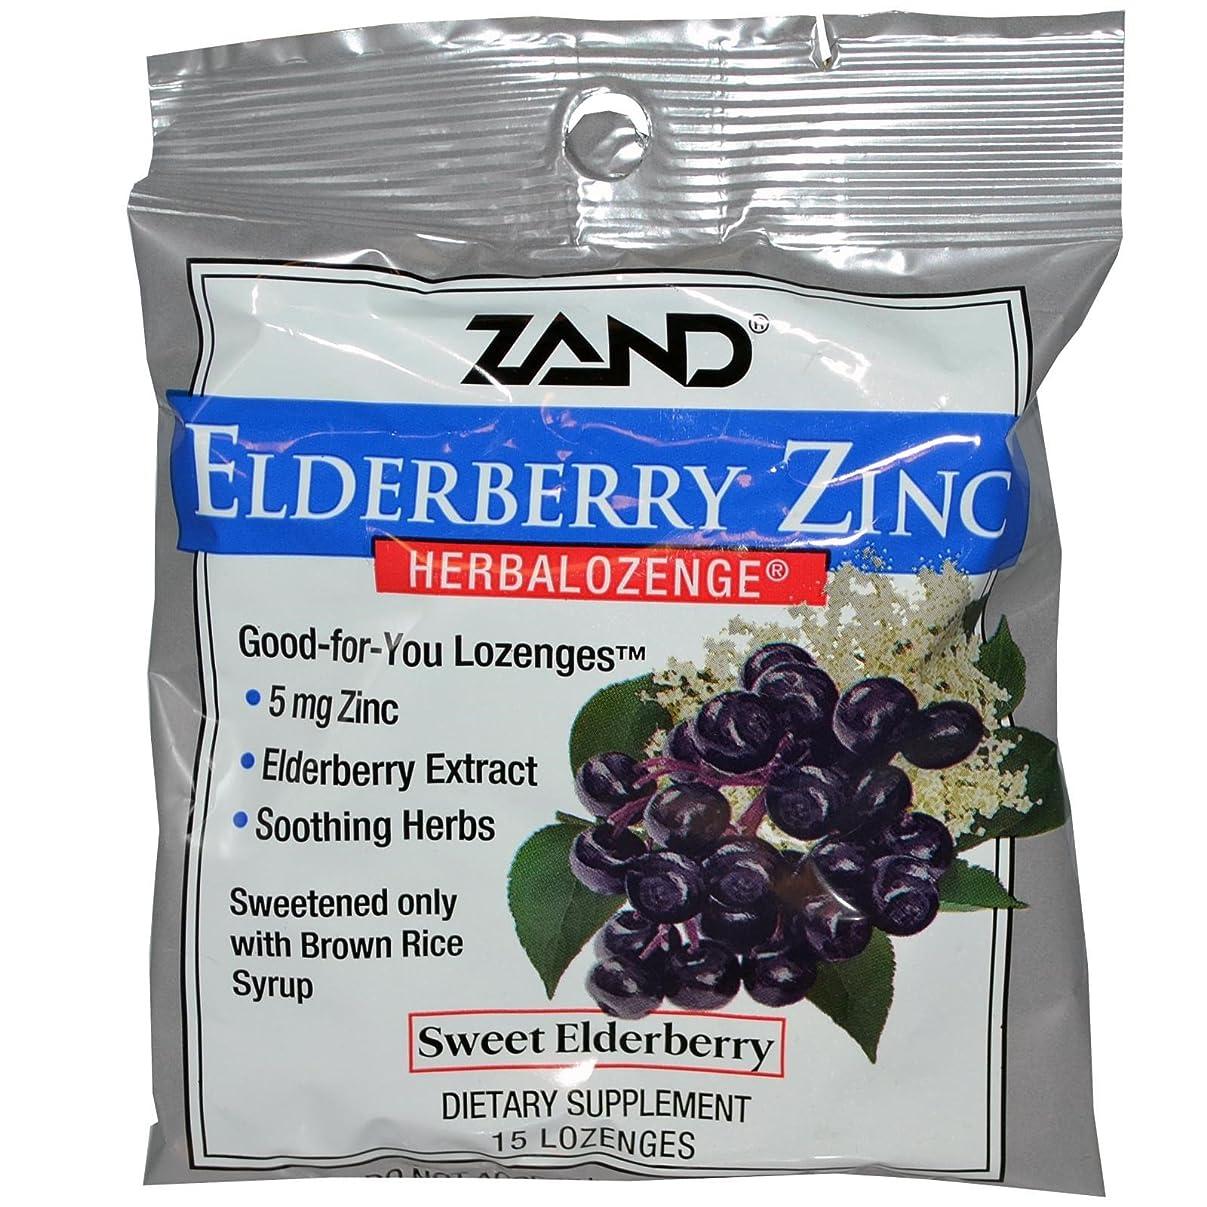 防ぐボウリング朝Zand, Elderberry Zinc、Herbalozenge、エルダーベリー、亜鉛 キャンディートローチ【2個組】 [並行輸入品]